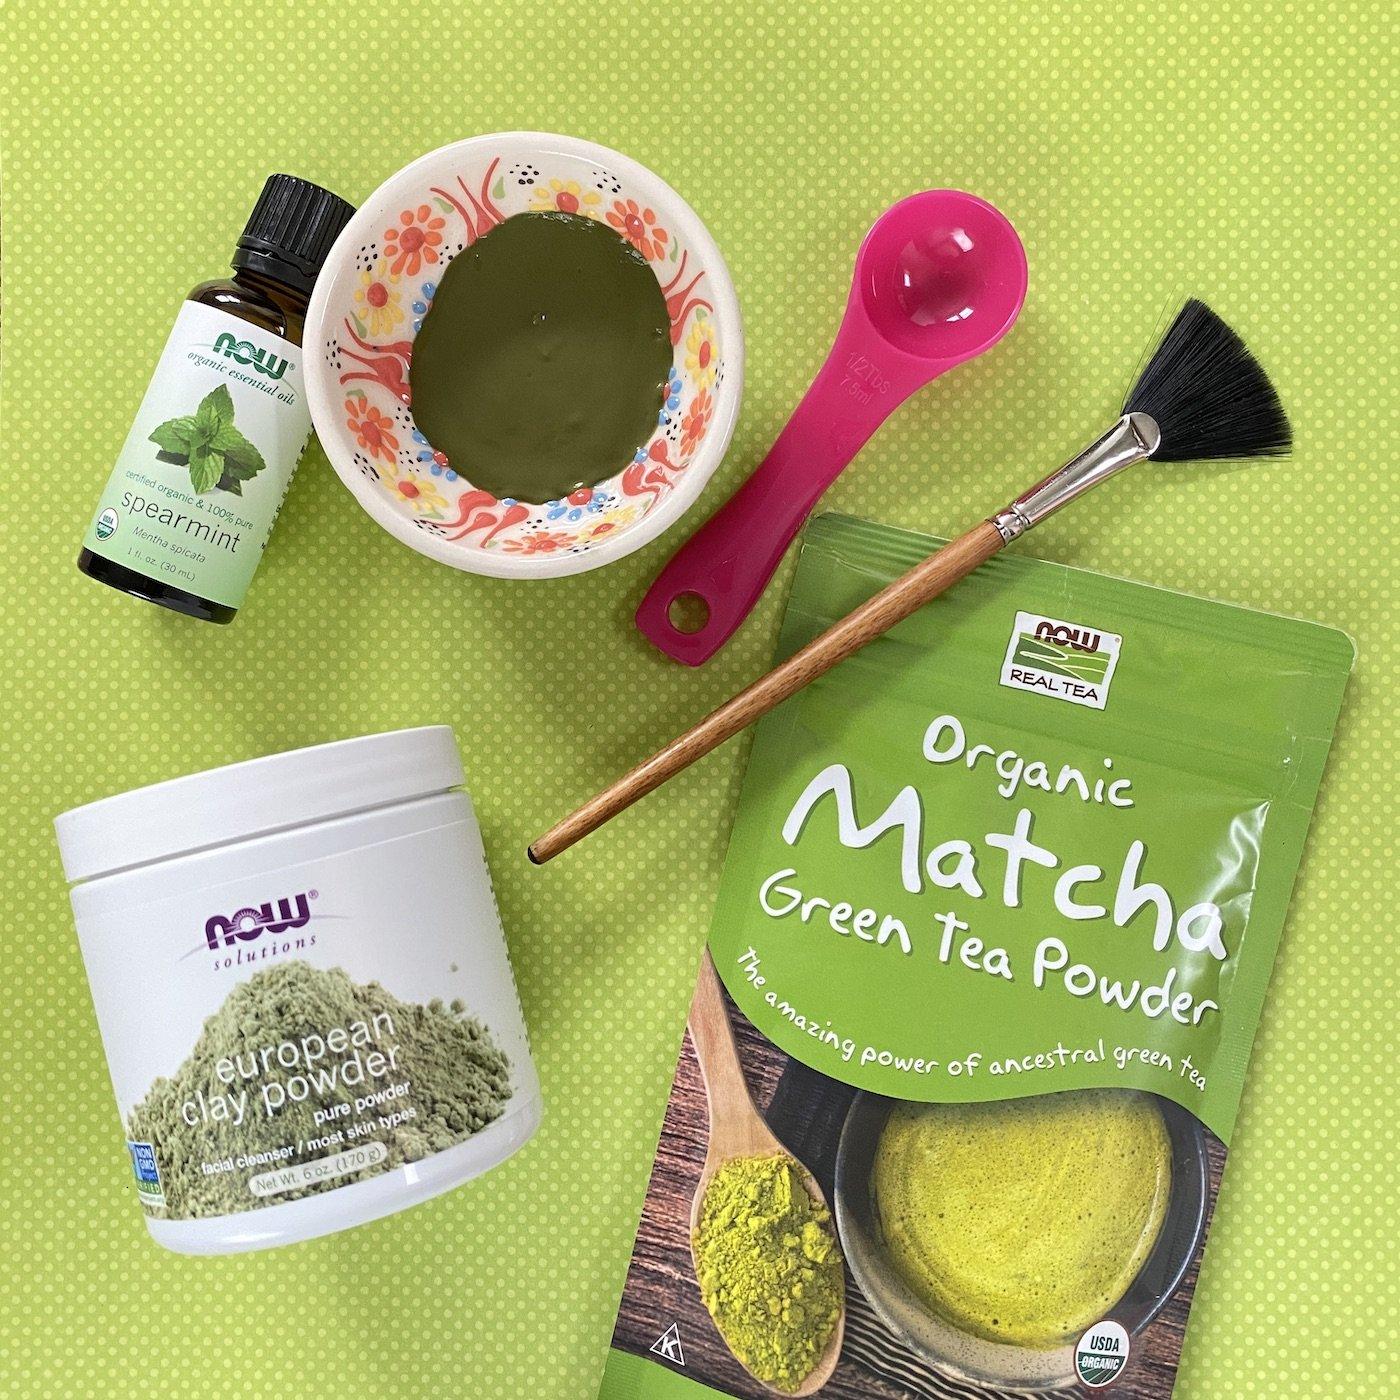 DIY-Organic-Matcha-Mint-Facial-Masks